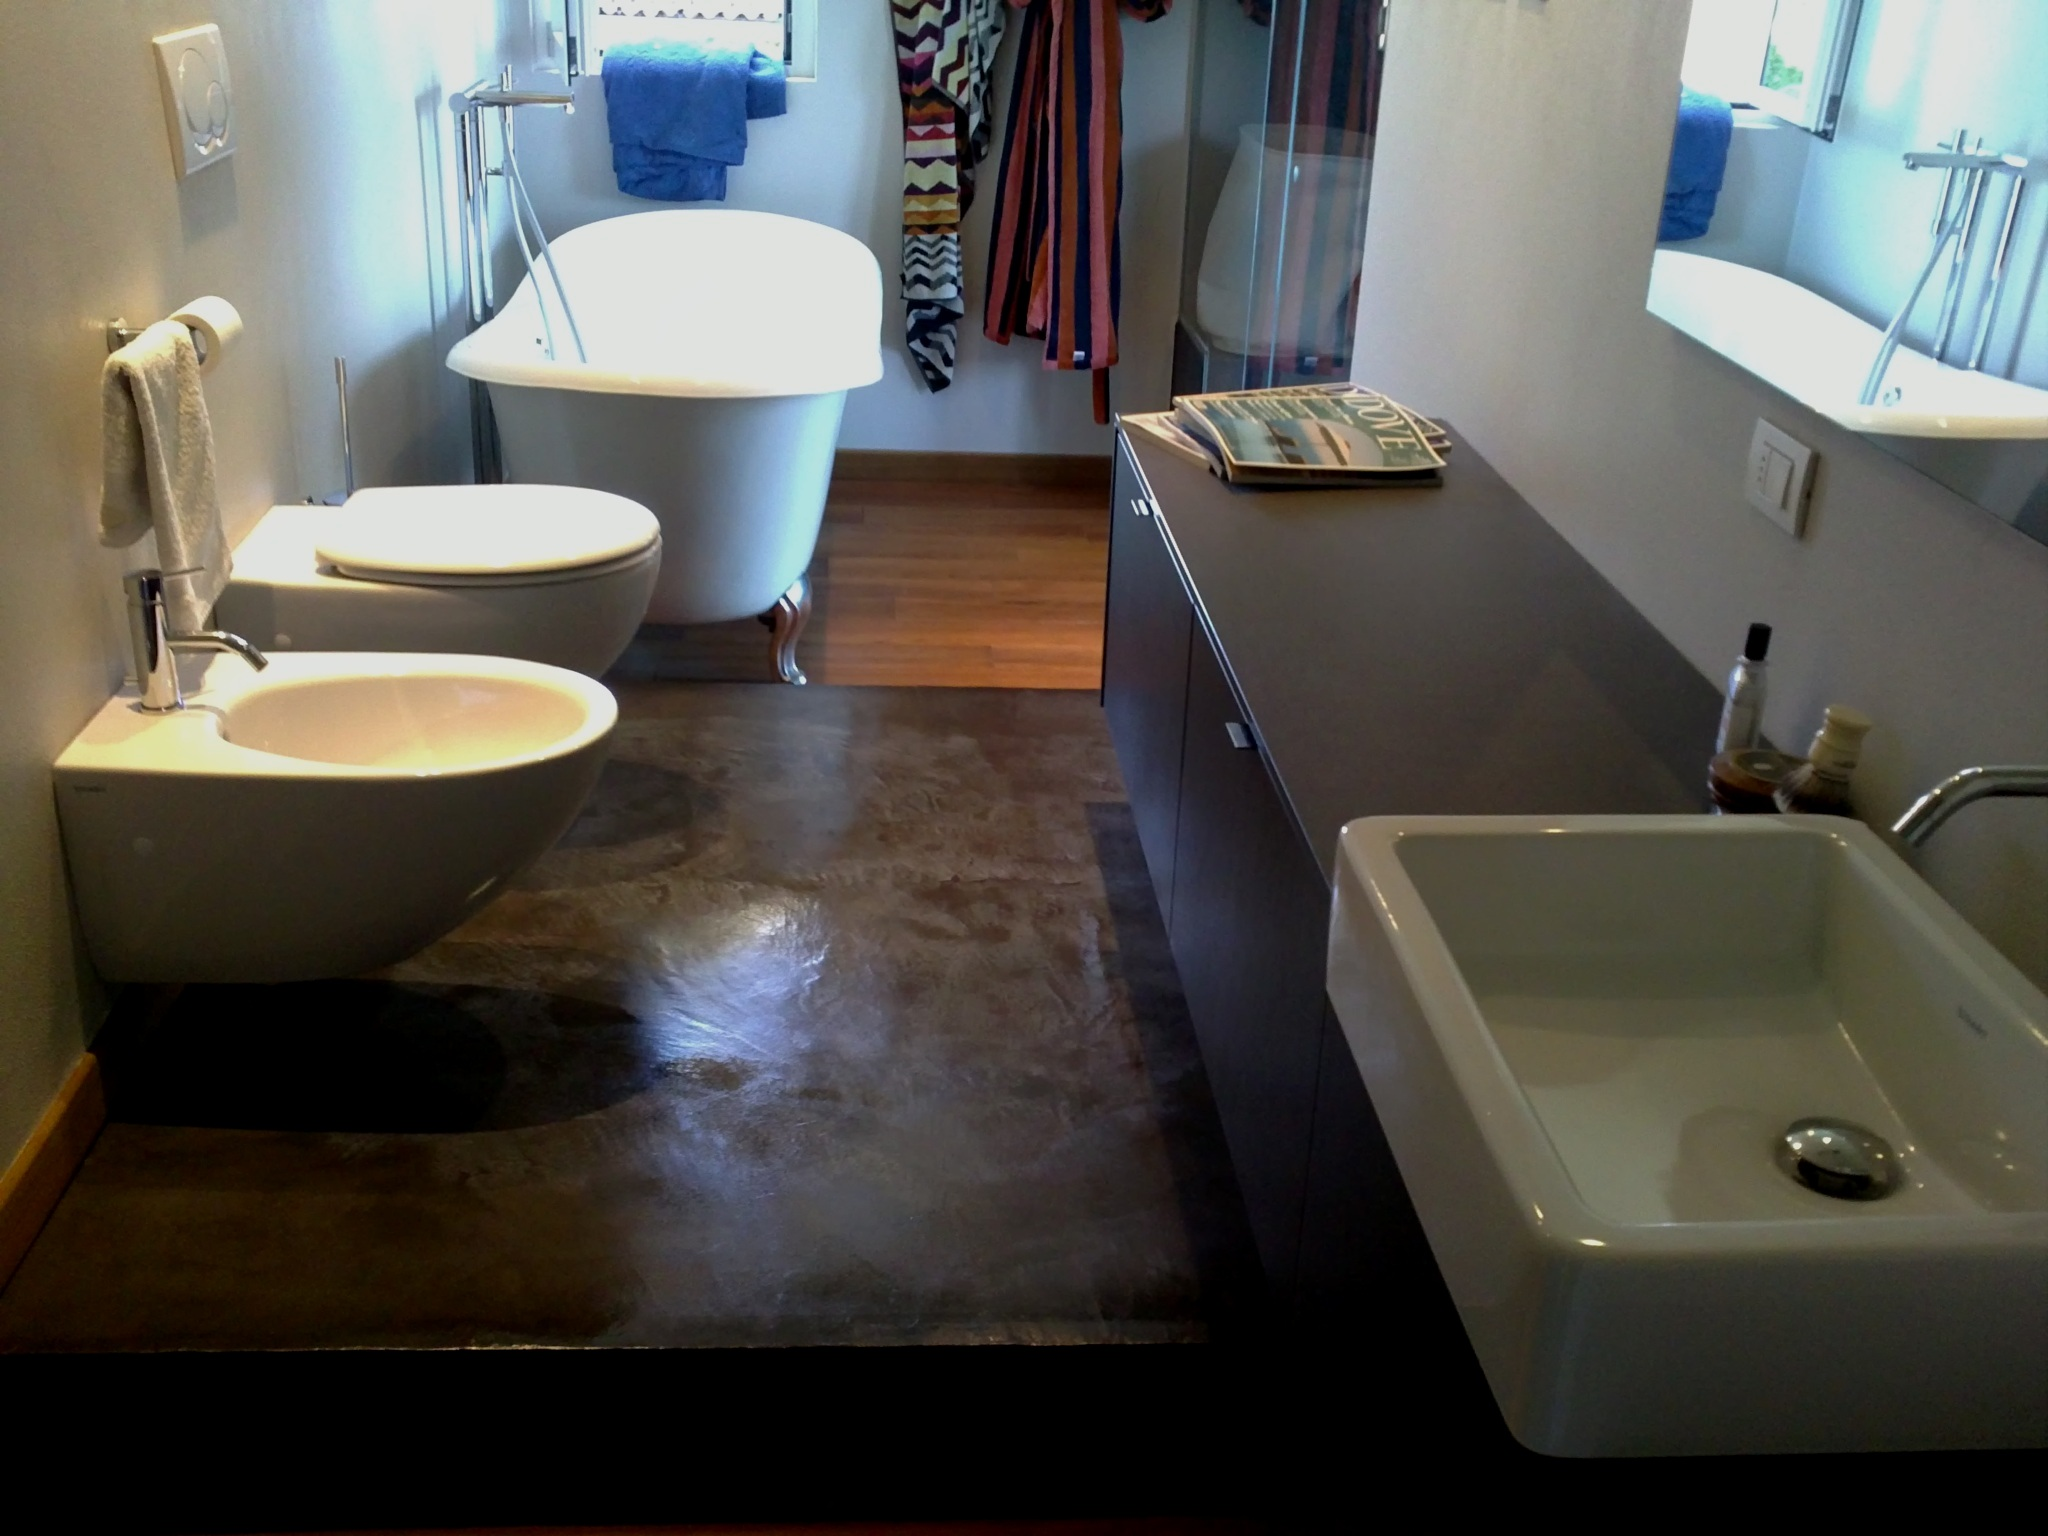 Home pavimenti in resina e rivestimenti in microcemento - Resina in bagno ...